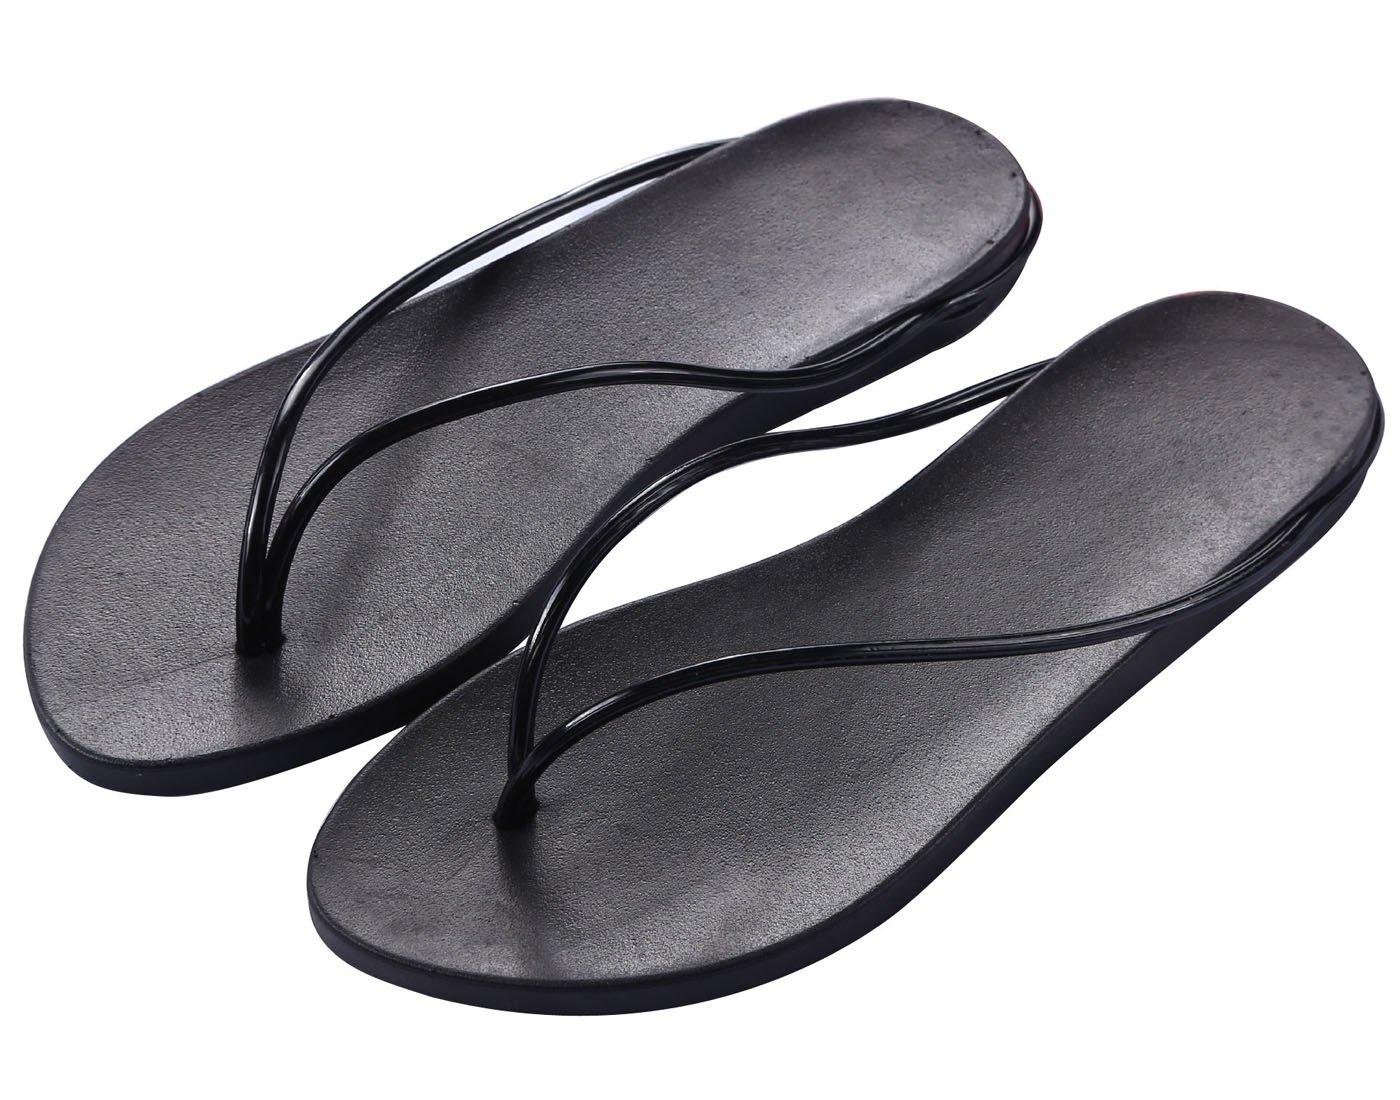 Zehentrenner Damen Slim Sandalen Schuhe Flats Thong Sandalen Sommer Schuhe Strand Flip Flop Hausschuhe  37 EU|Schwarz